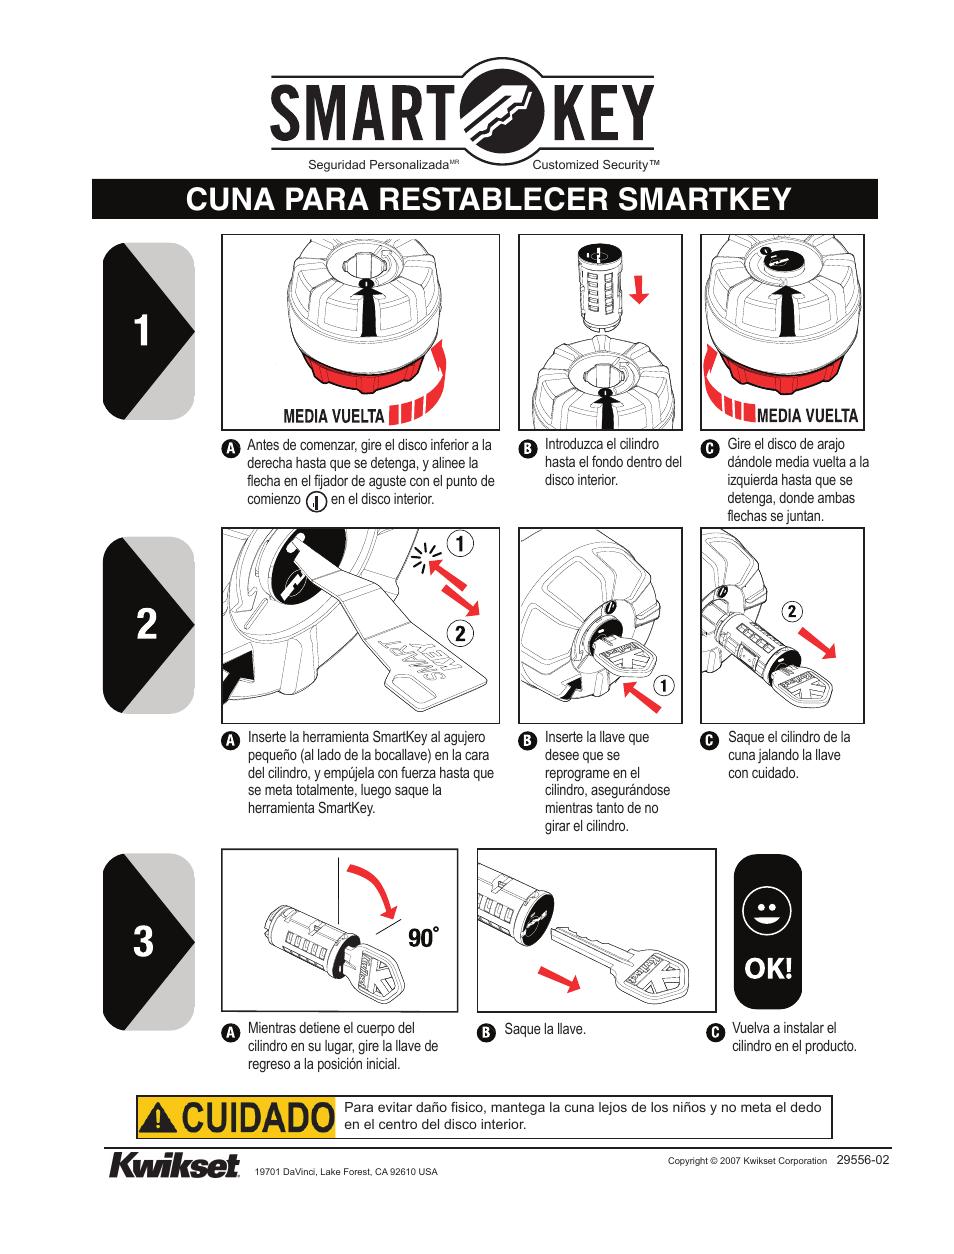 Cuna Para Restablecer Smartkey Kwikset 83260 Smt Reset Cradle User